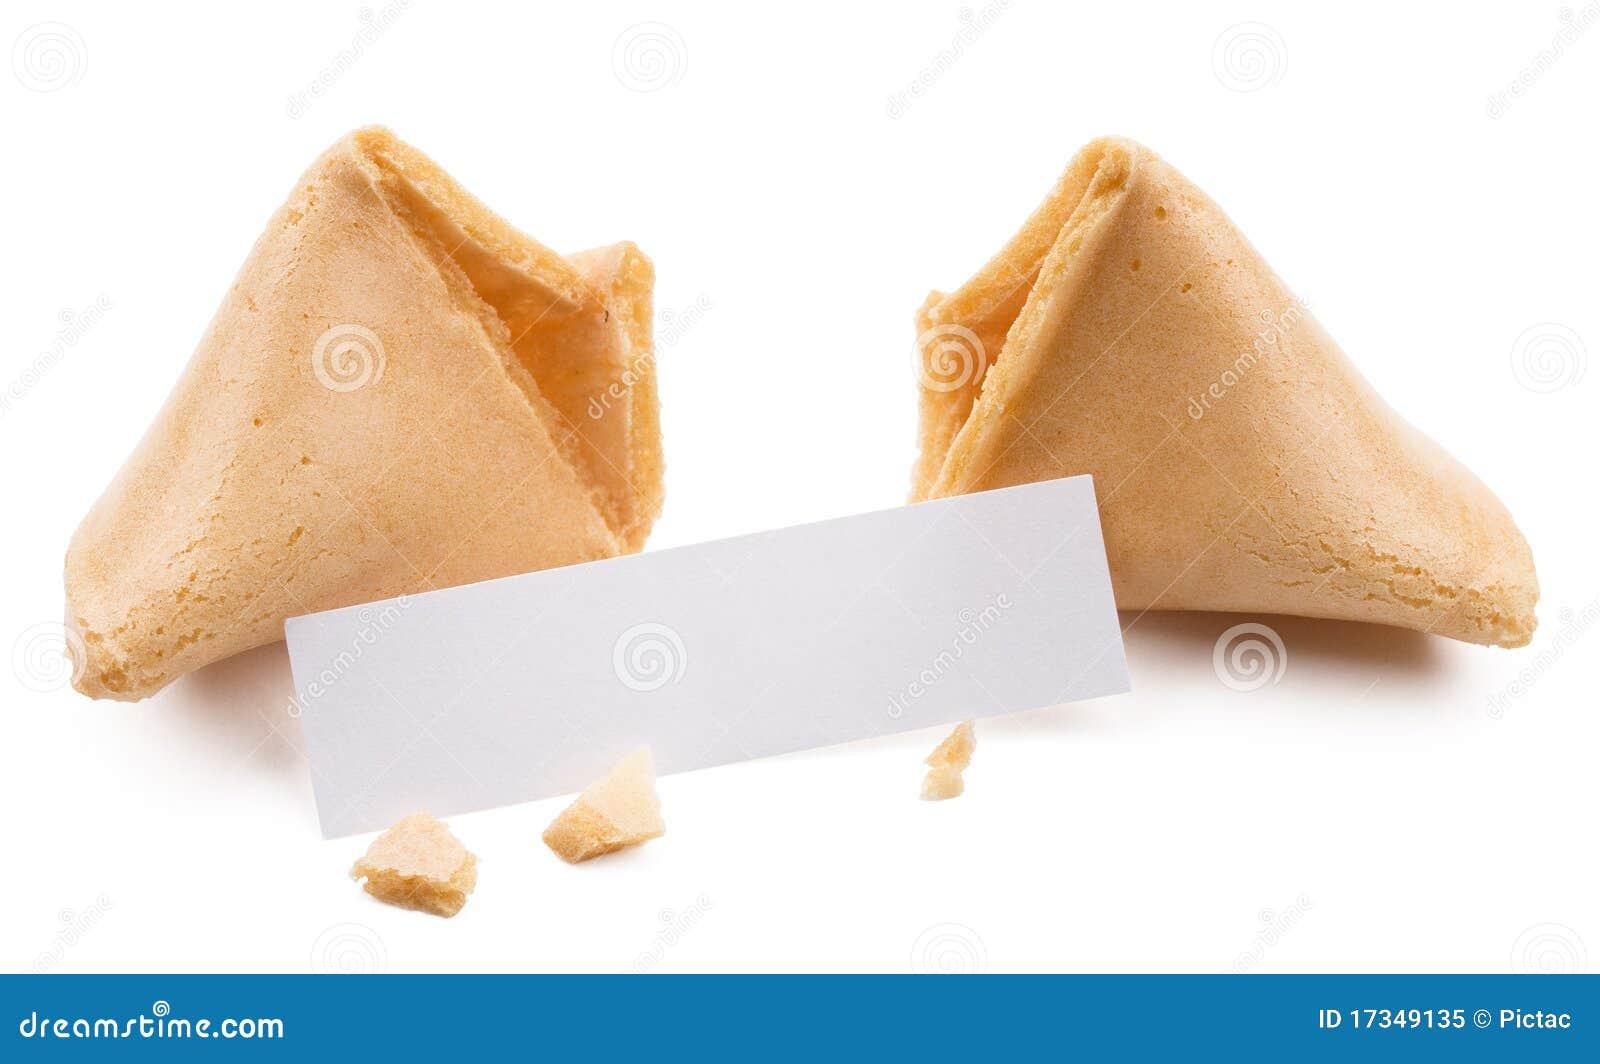 fortune teller free